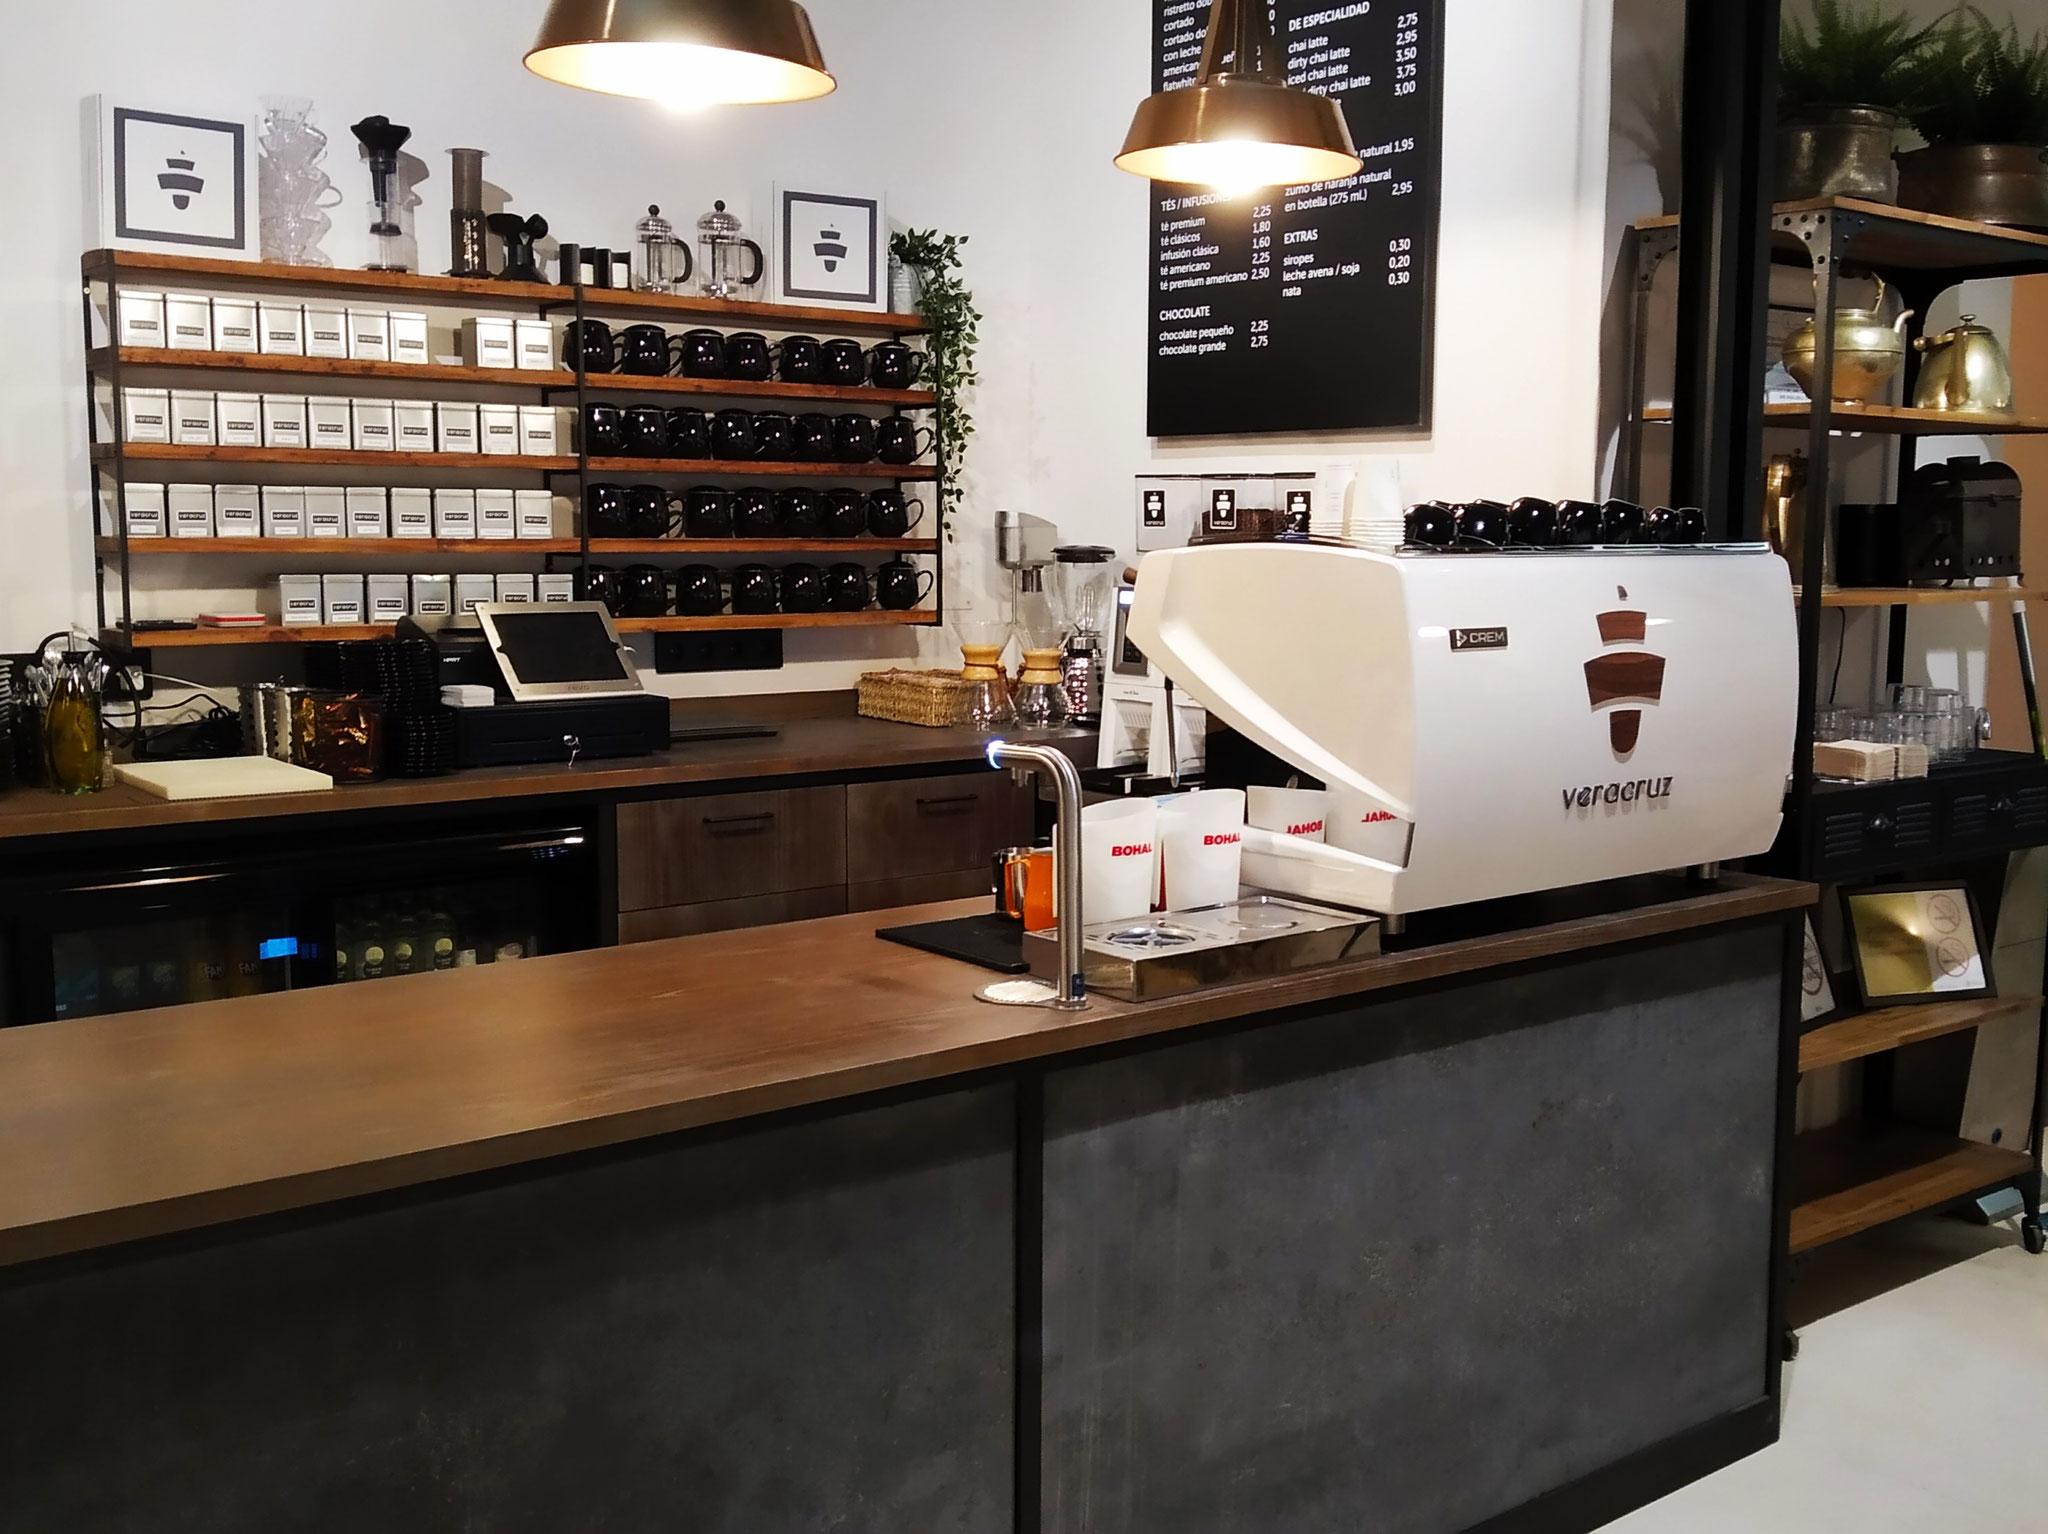 Veracruz Boutique - A Coruña